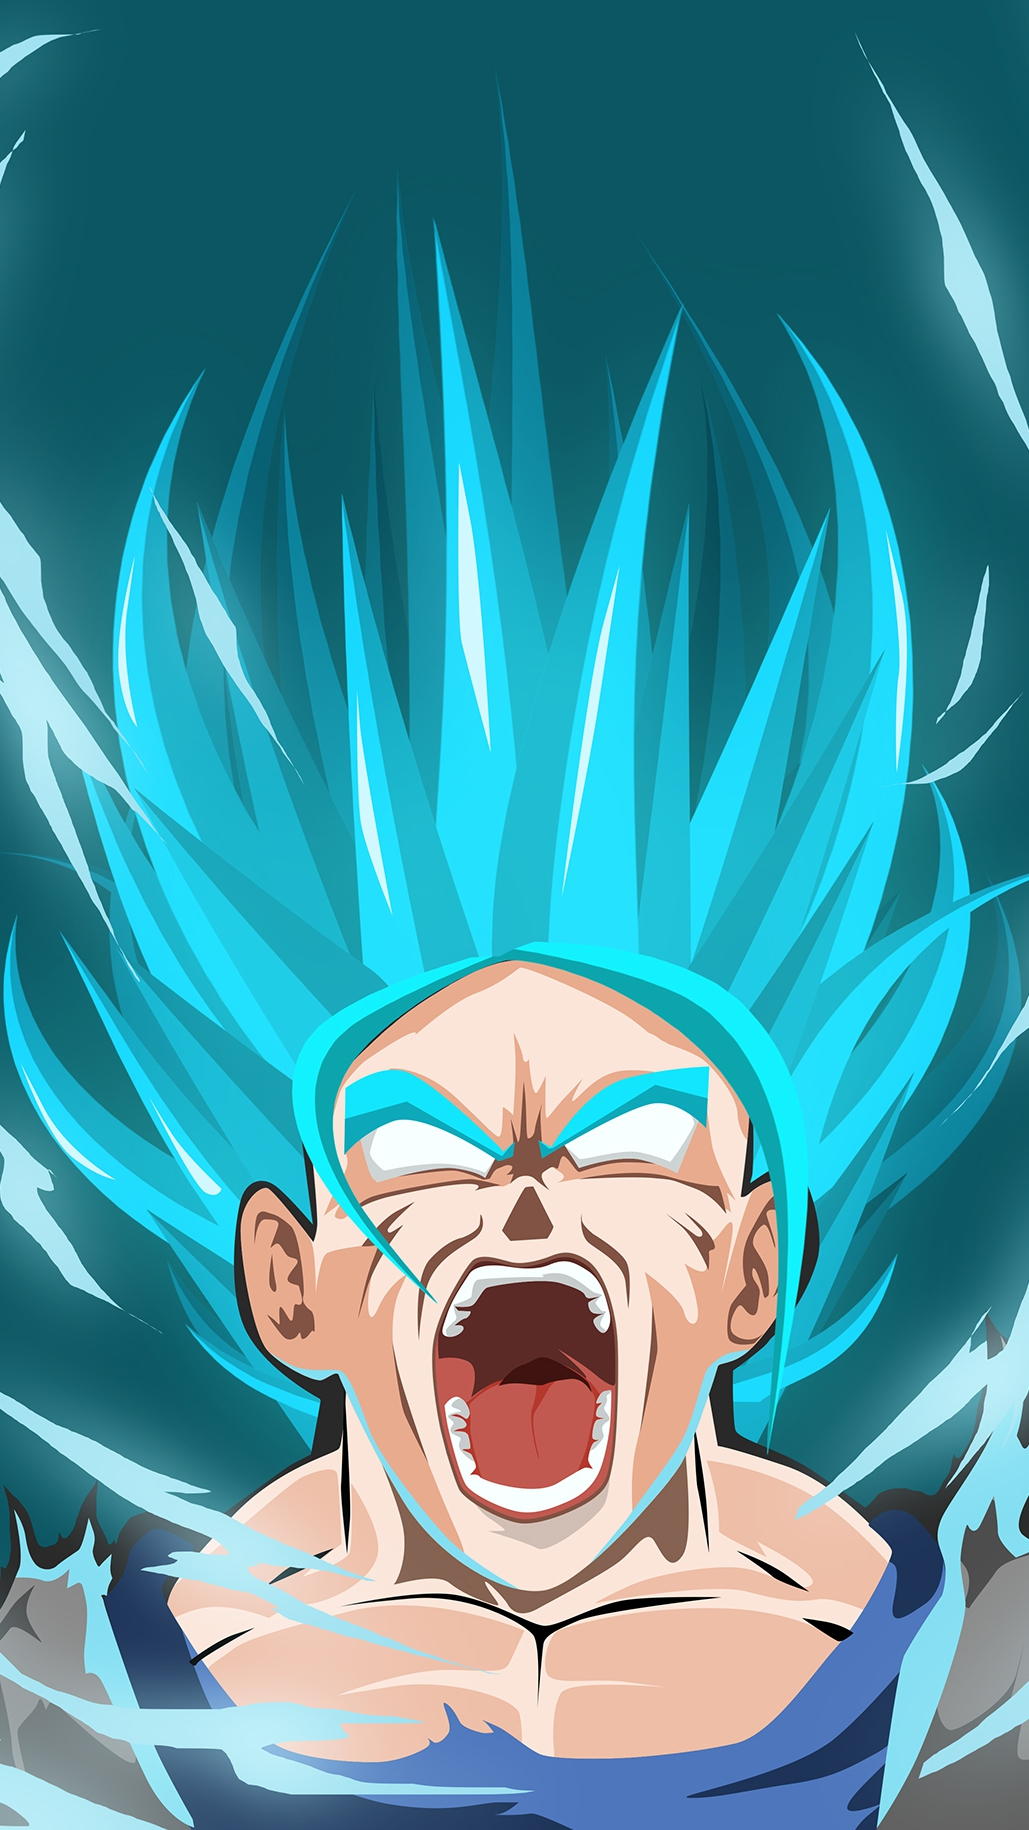 Goku Transformation Super Saiyan iPhone Wallpaper iphoneswallpapers com